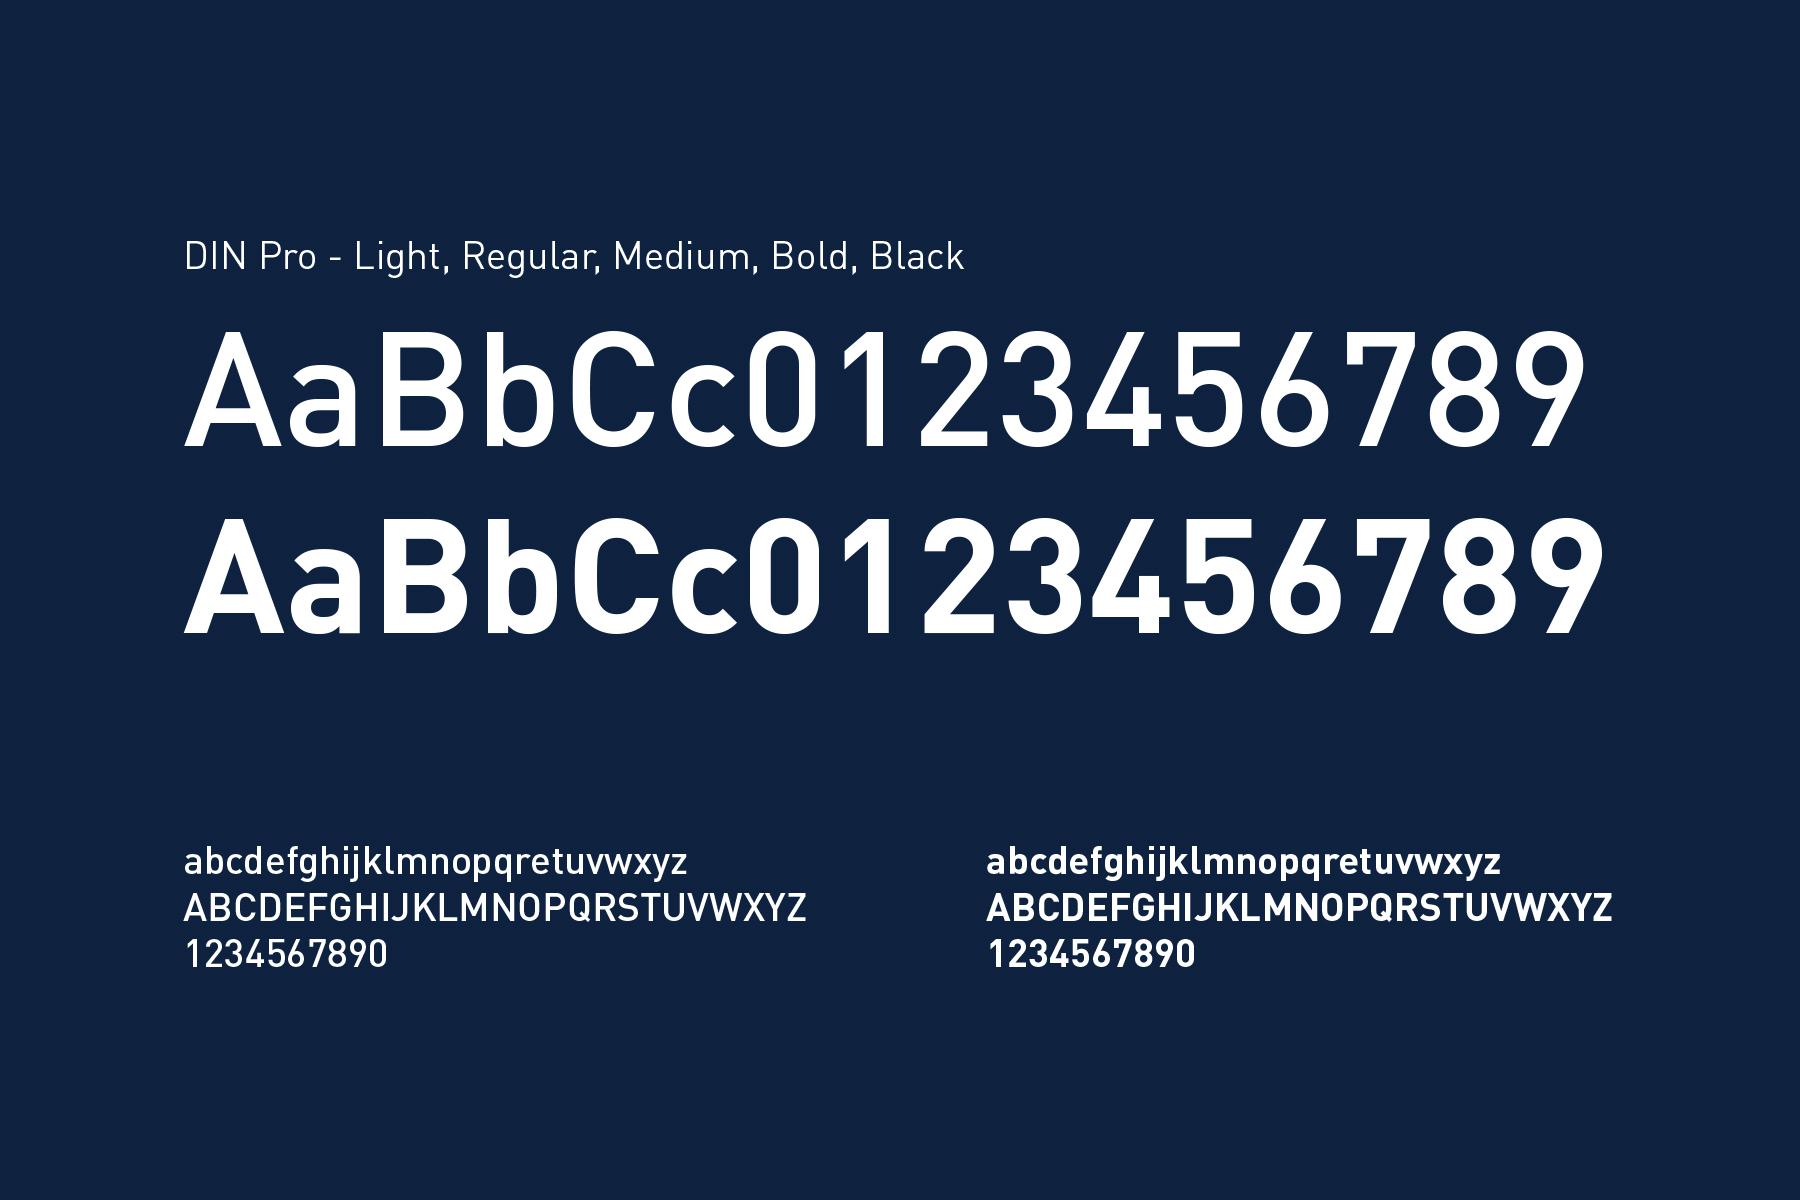 rix_logo_symbols_3